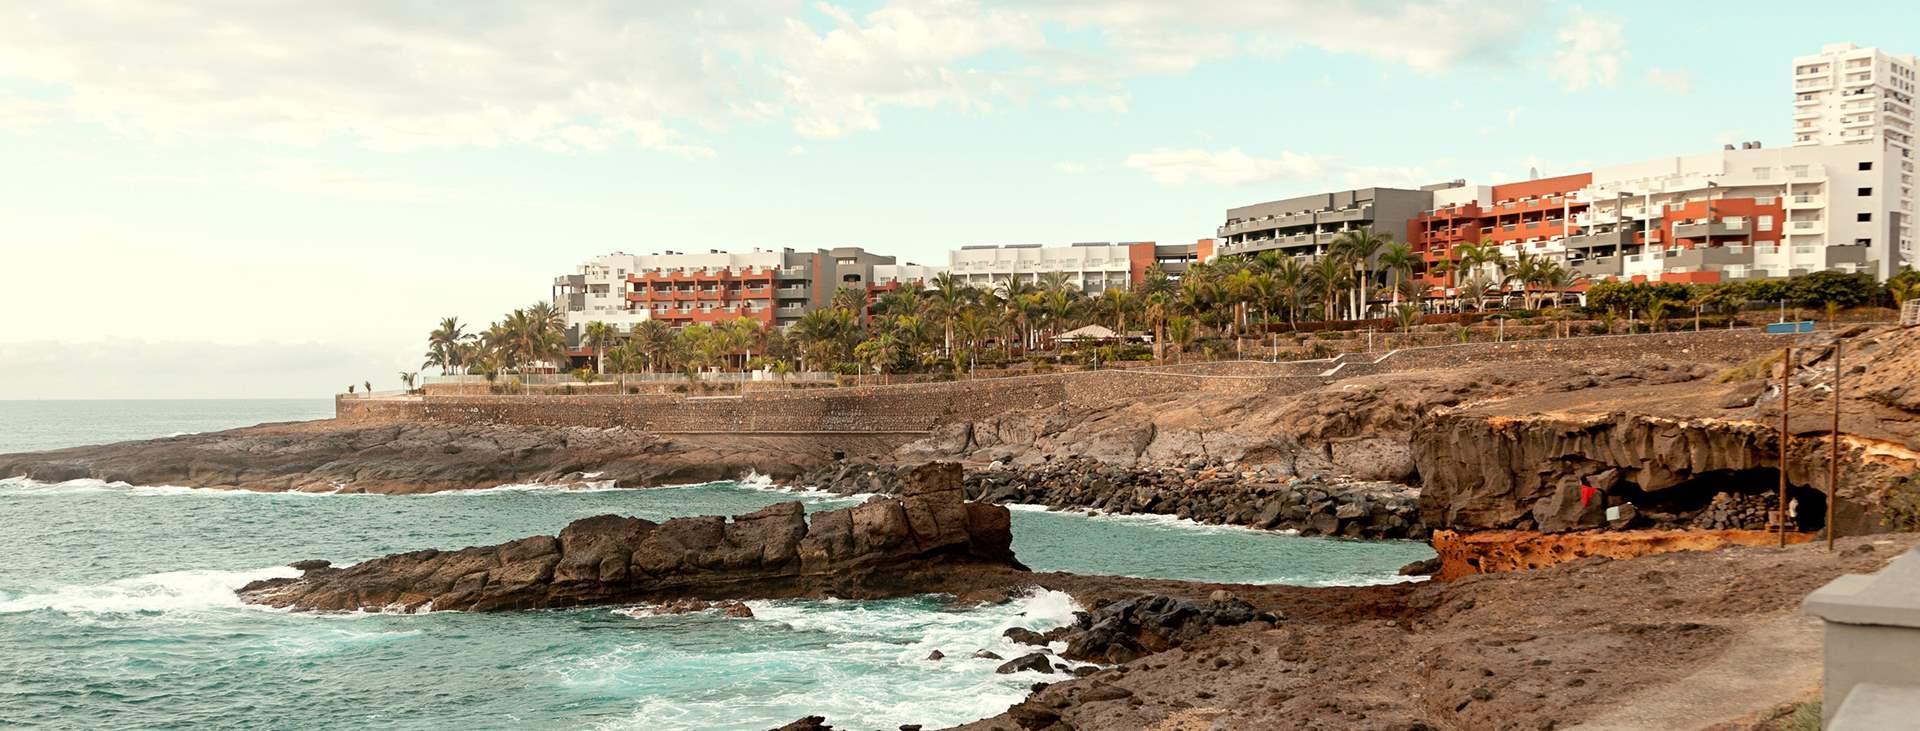 Boka en resa till barnvänliga Playa Paraiso på Teneriffa